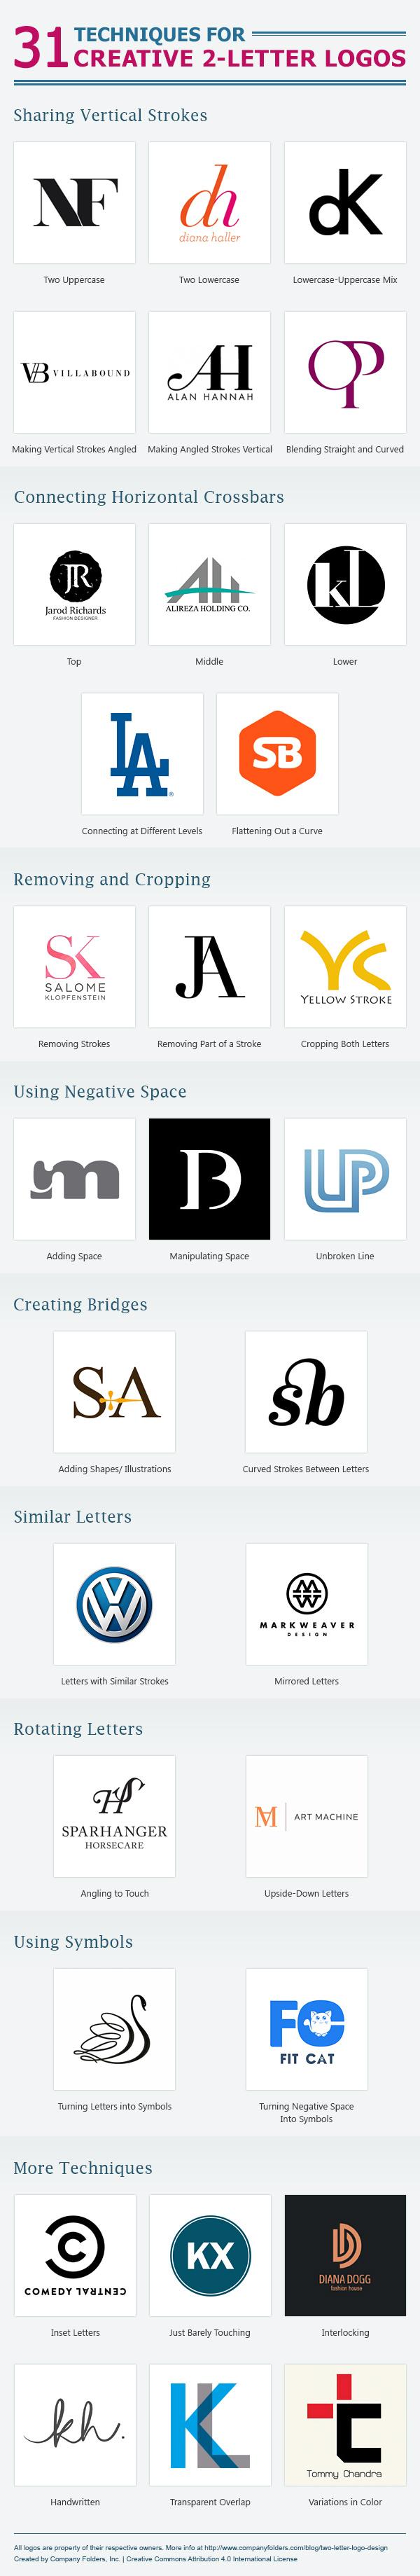 尚略logo设计公司教程:双字母logo设计的31种创意技巧